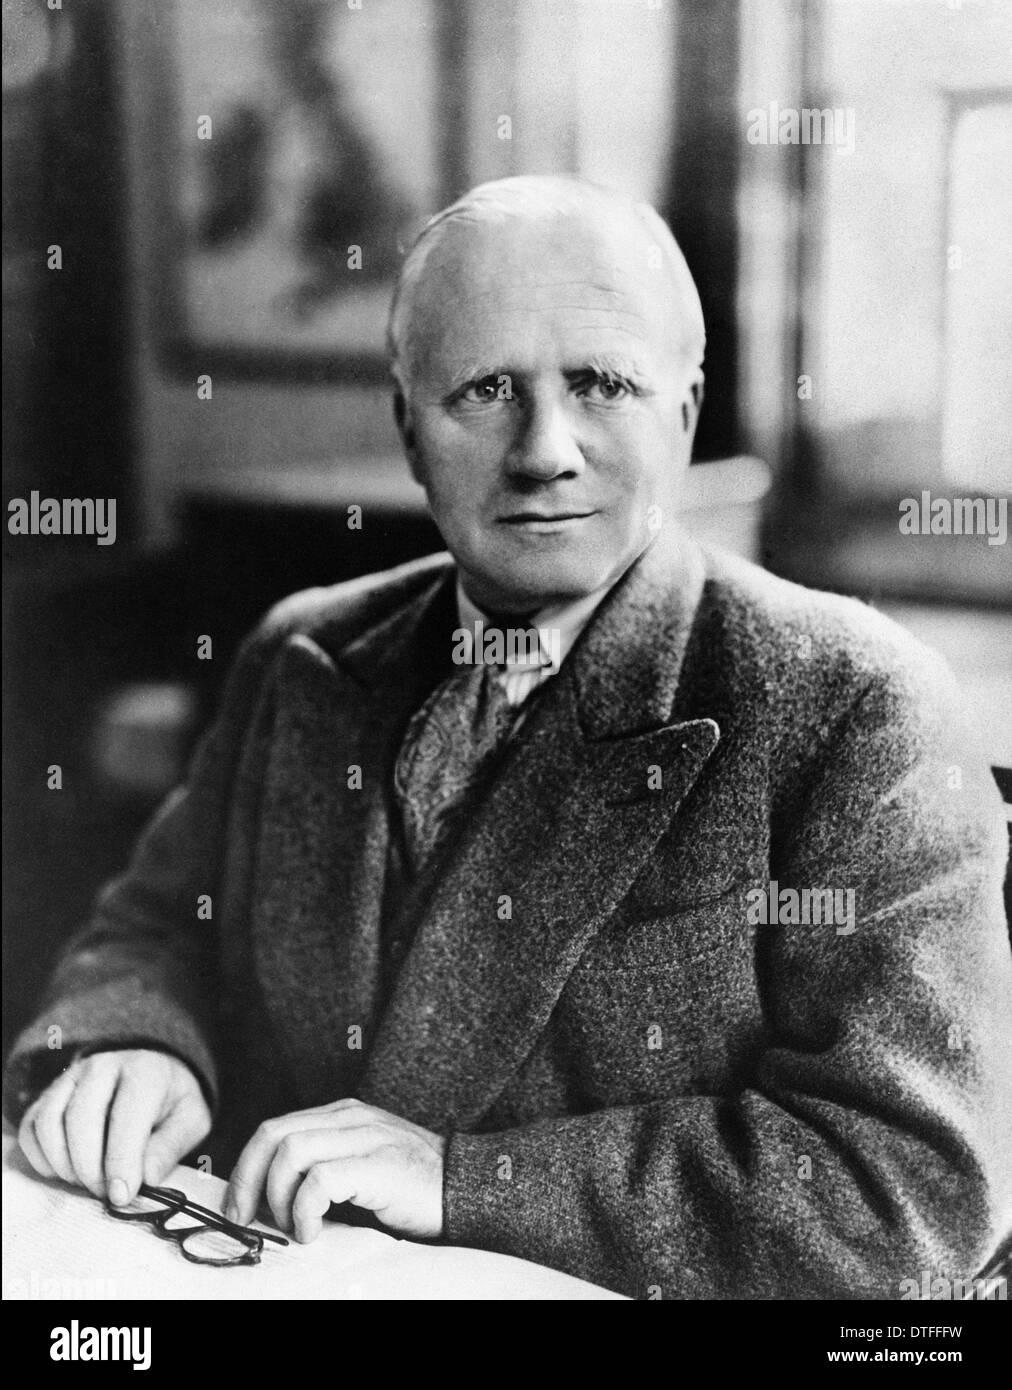 Sir Gavin de Beer, 1950 - Stock Image